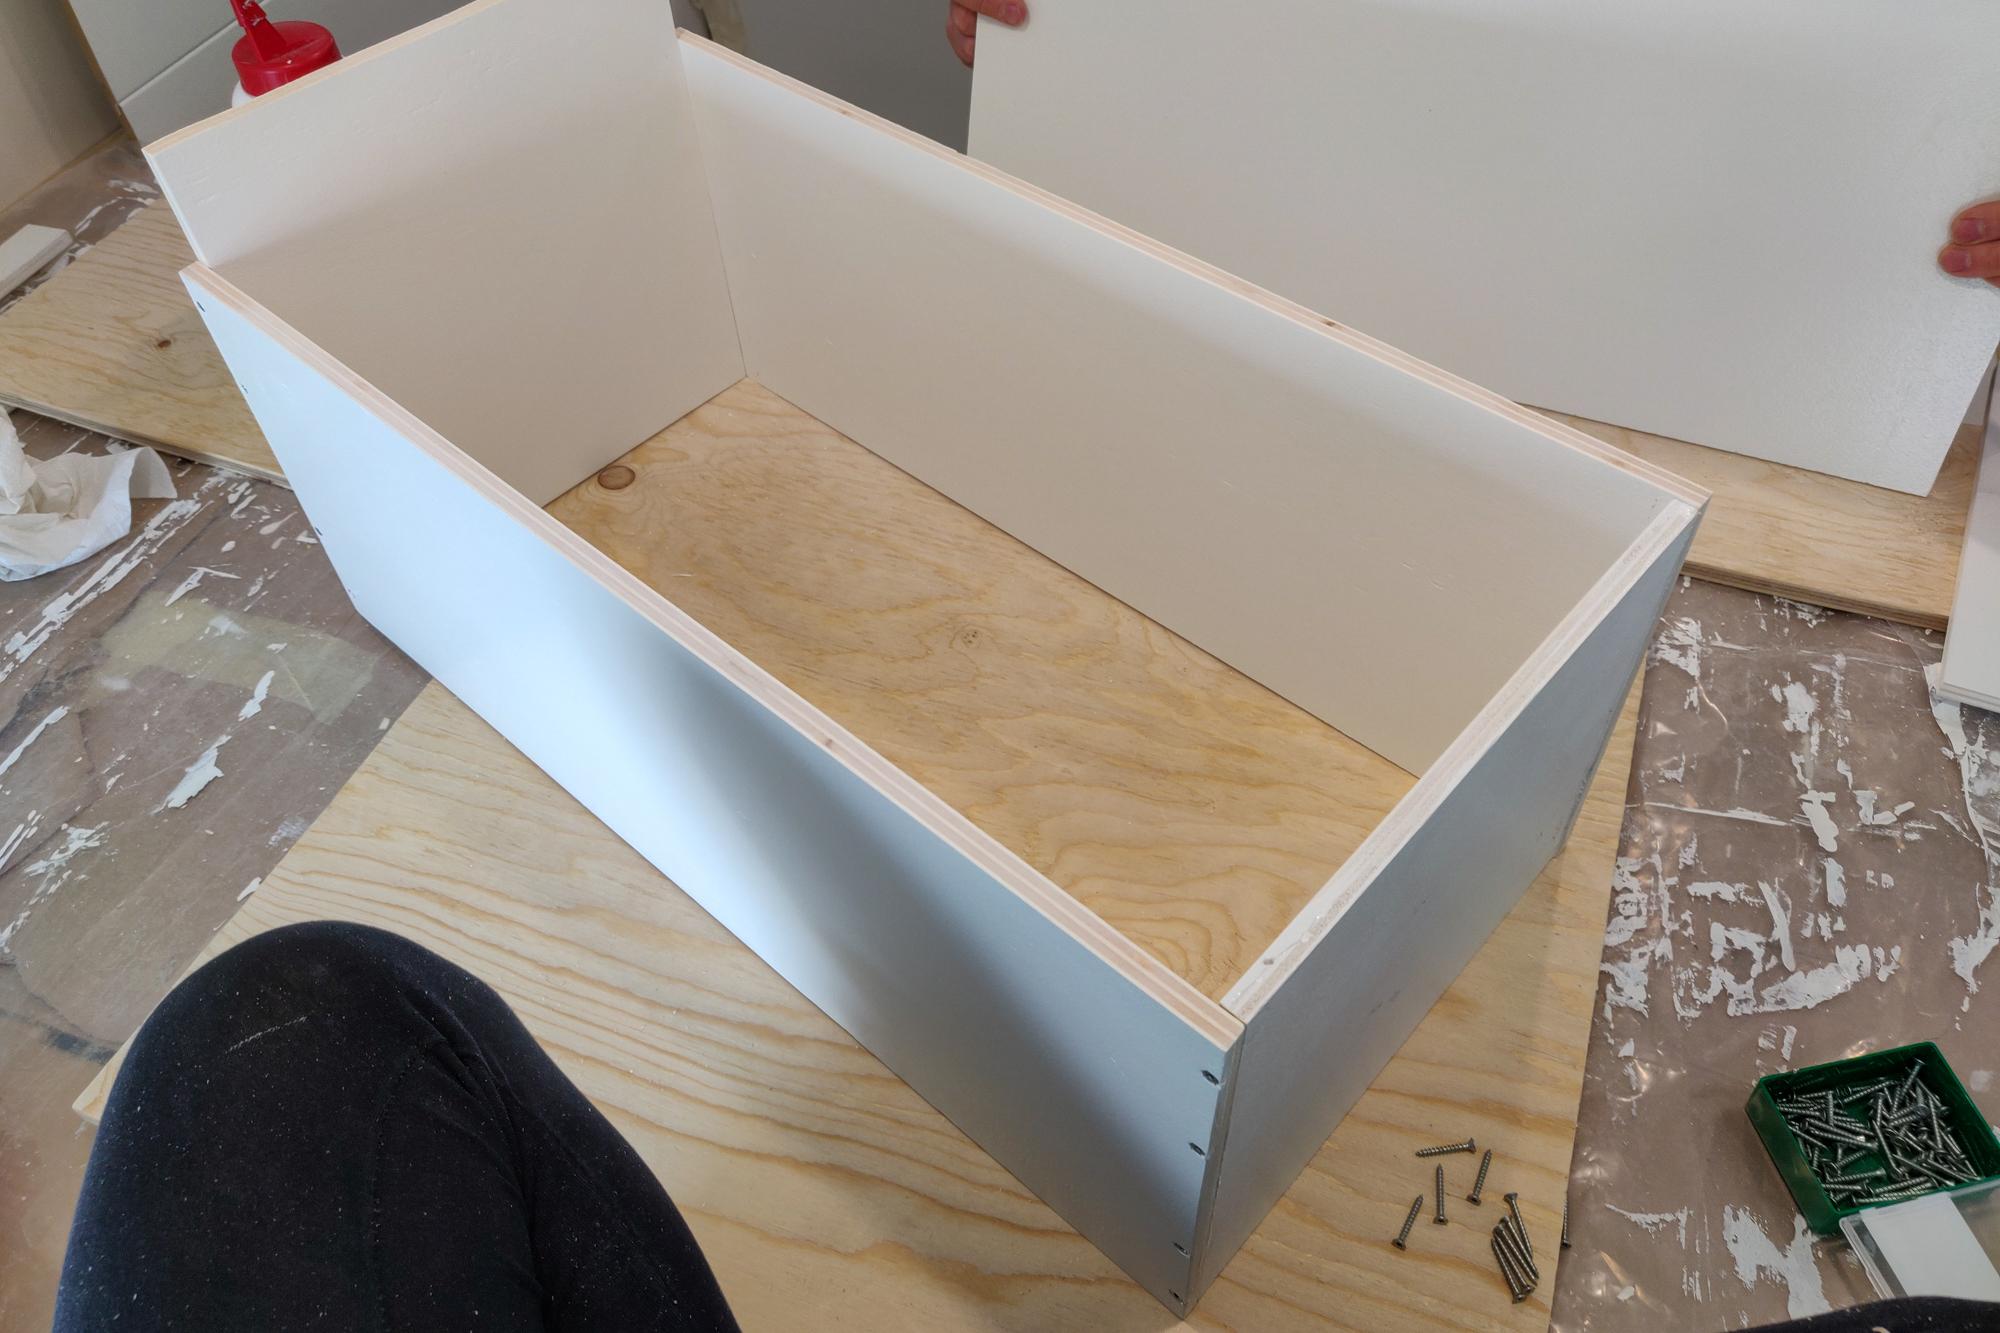 Laatikoiden rakentaminen